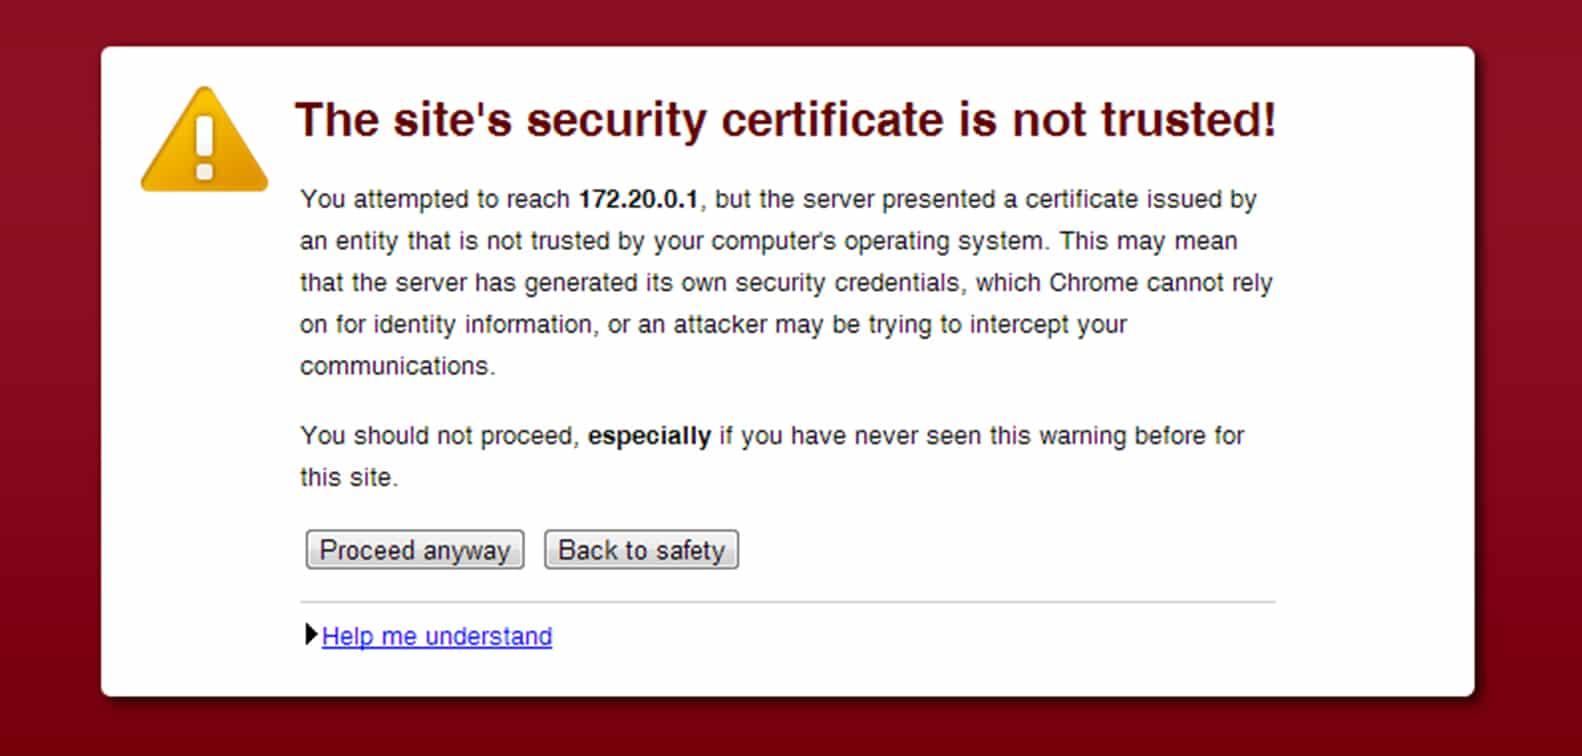 Les navigateurs et les certificats de sécurité